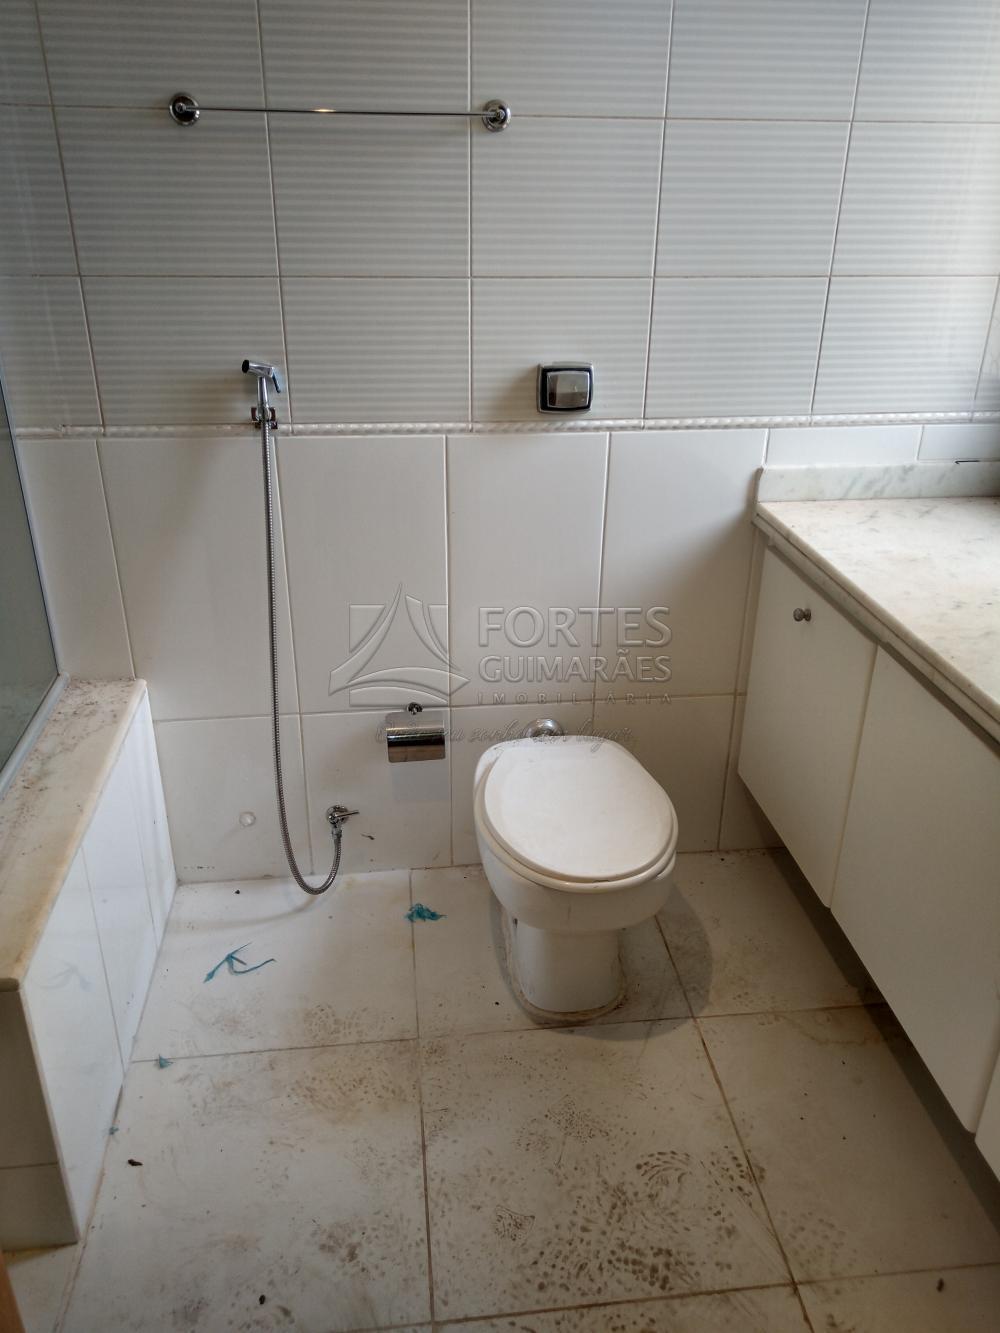 Alugar Apartamentos / Padrão em Ribeirão Preto apenas R$ 1.600,00 - Foto 61